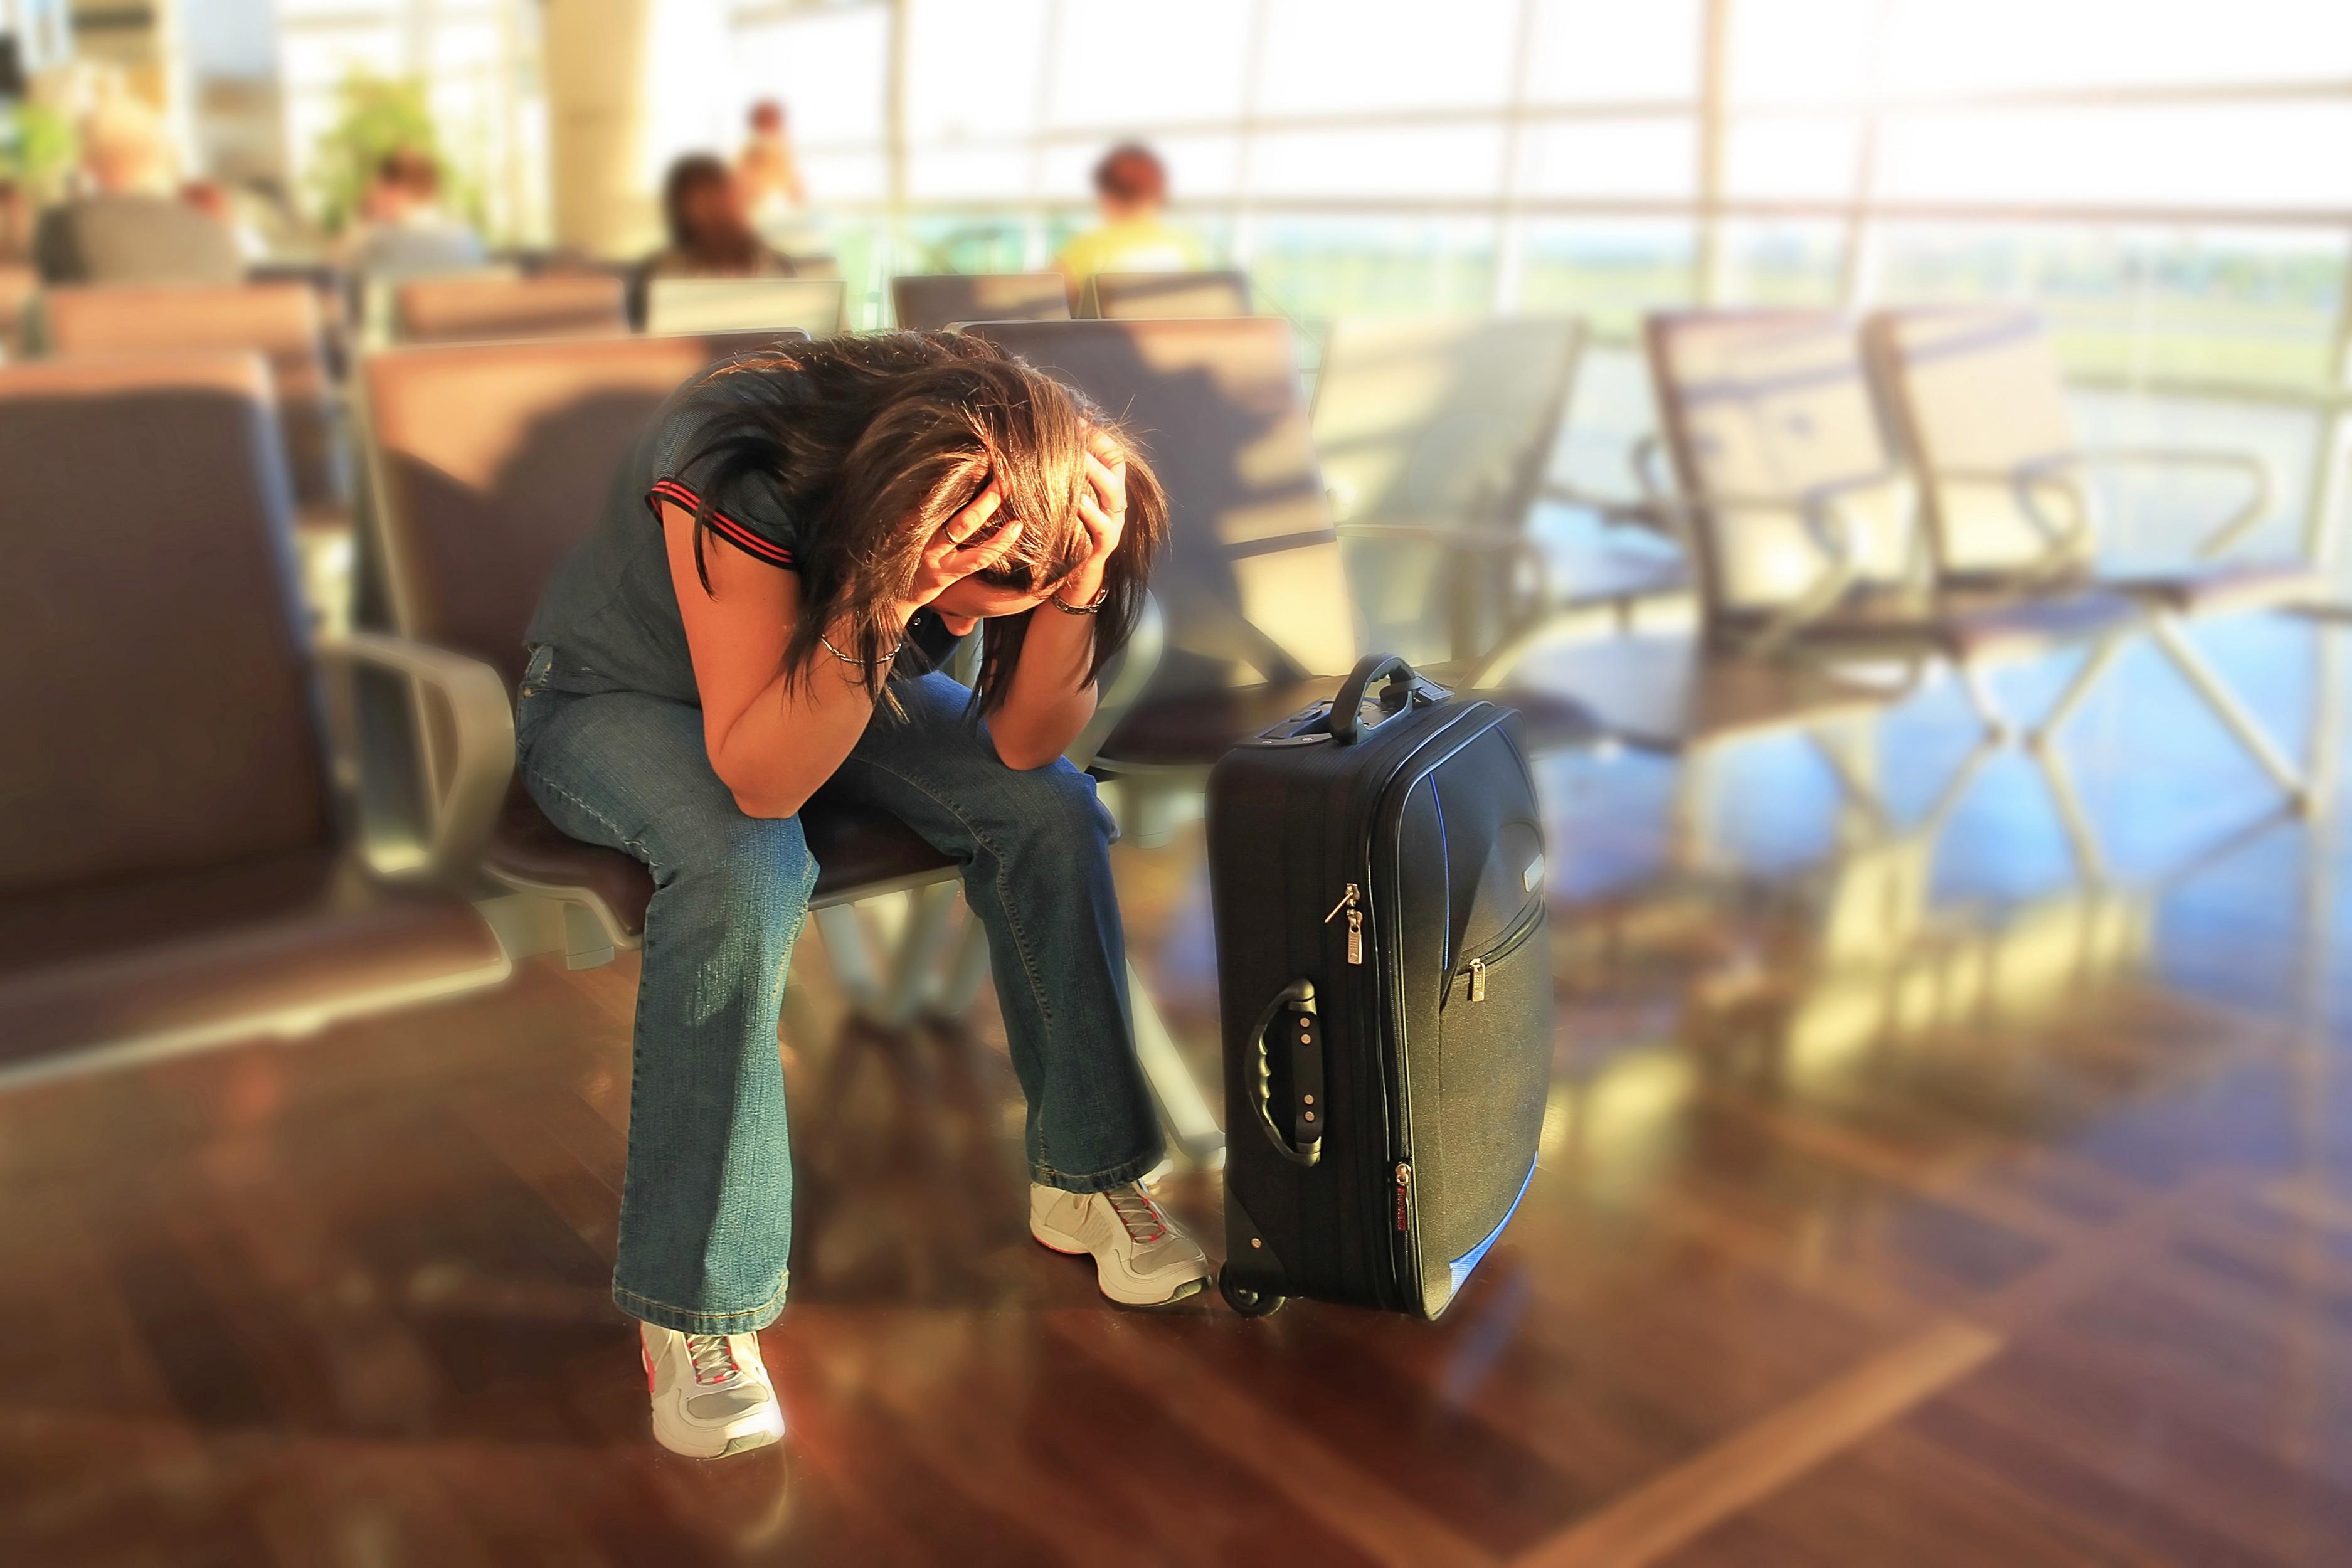 Companhia aérea vai indenizar passageiro que perdeu reunião por causa de voo atrasado em R$ 10 mil.